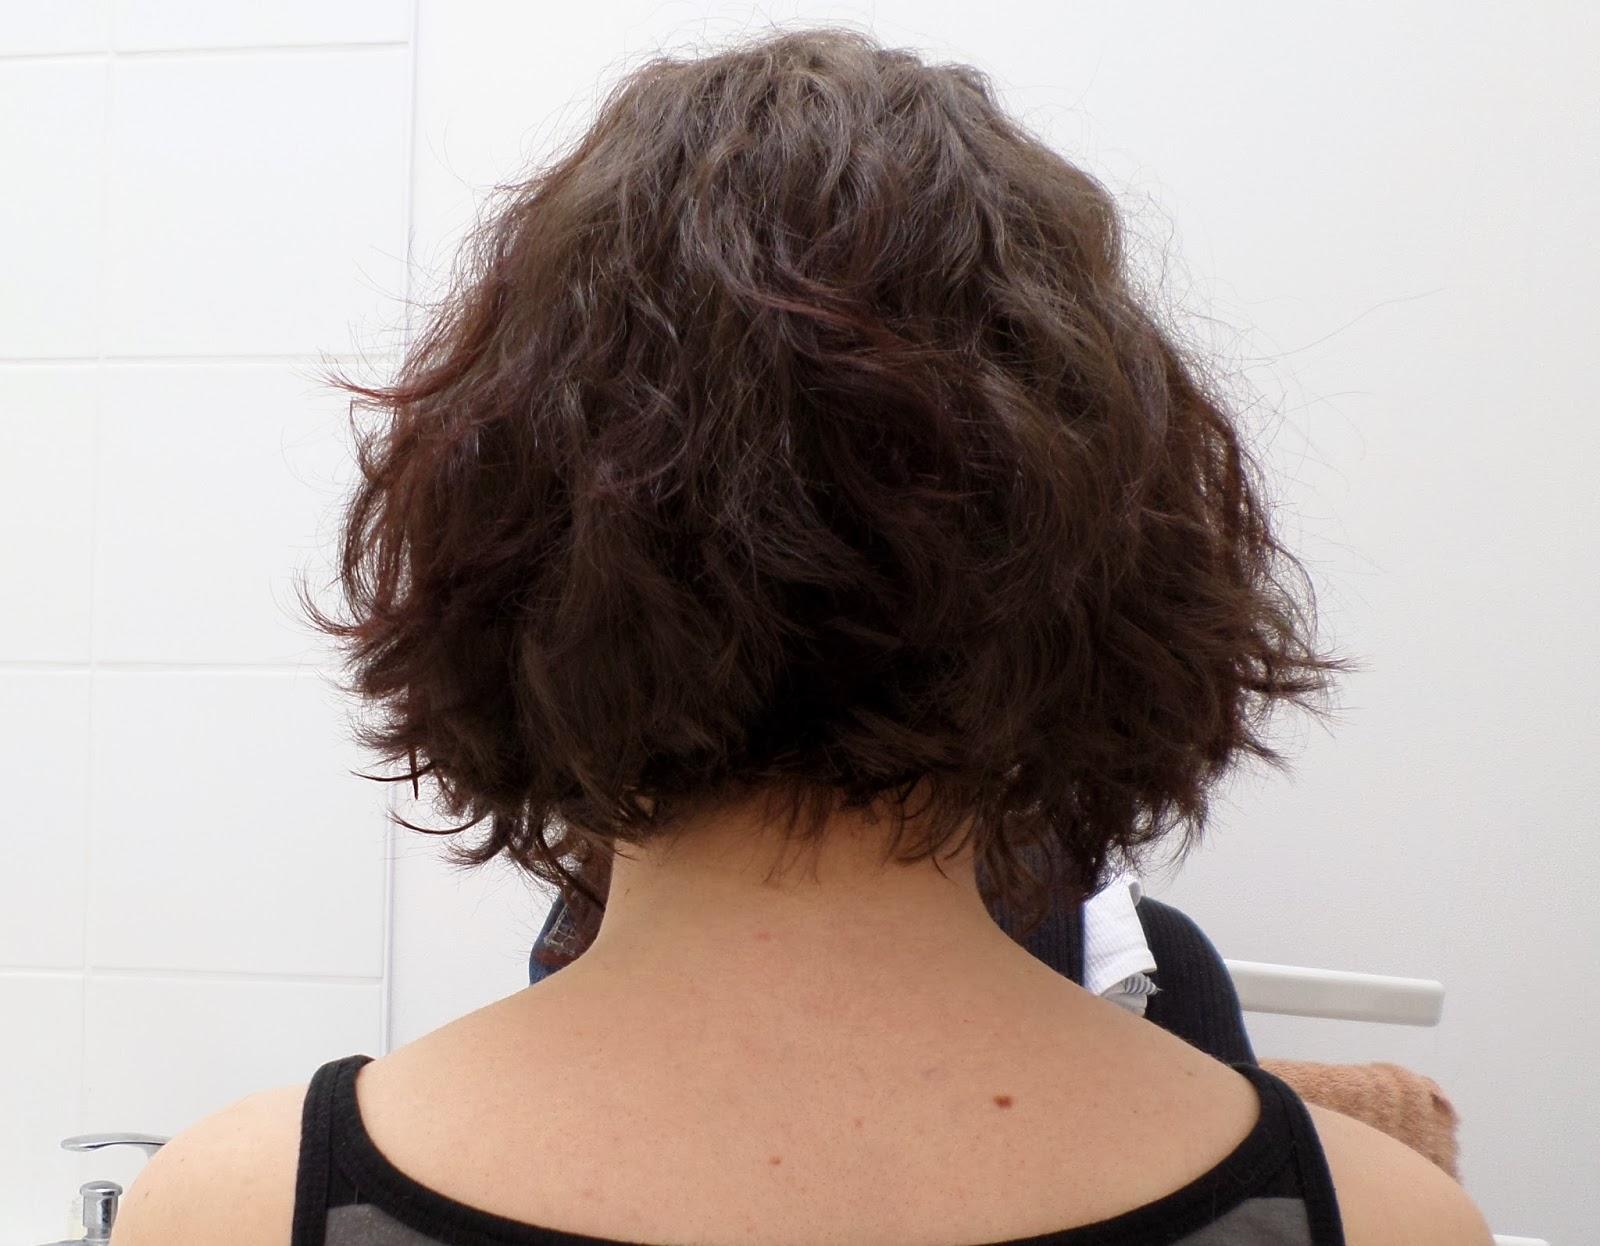 Les carnets de tin viel tutoriel se couper les cheveux - Coupe carre plongeant 2014 ...